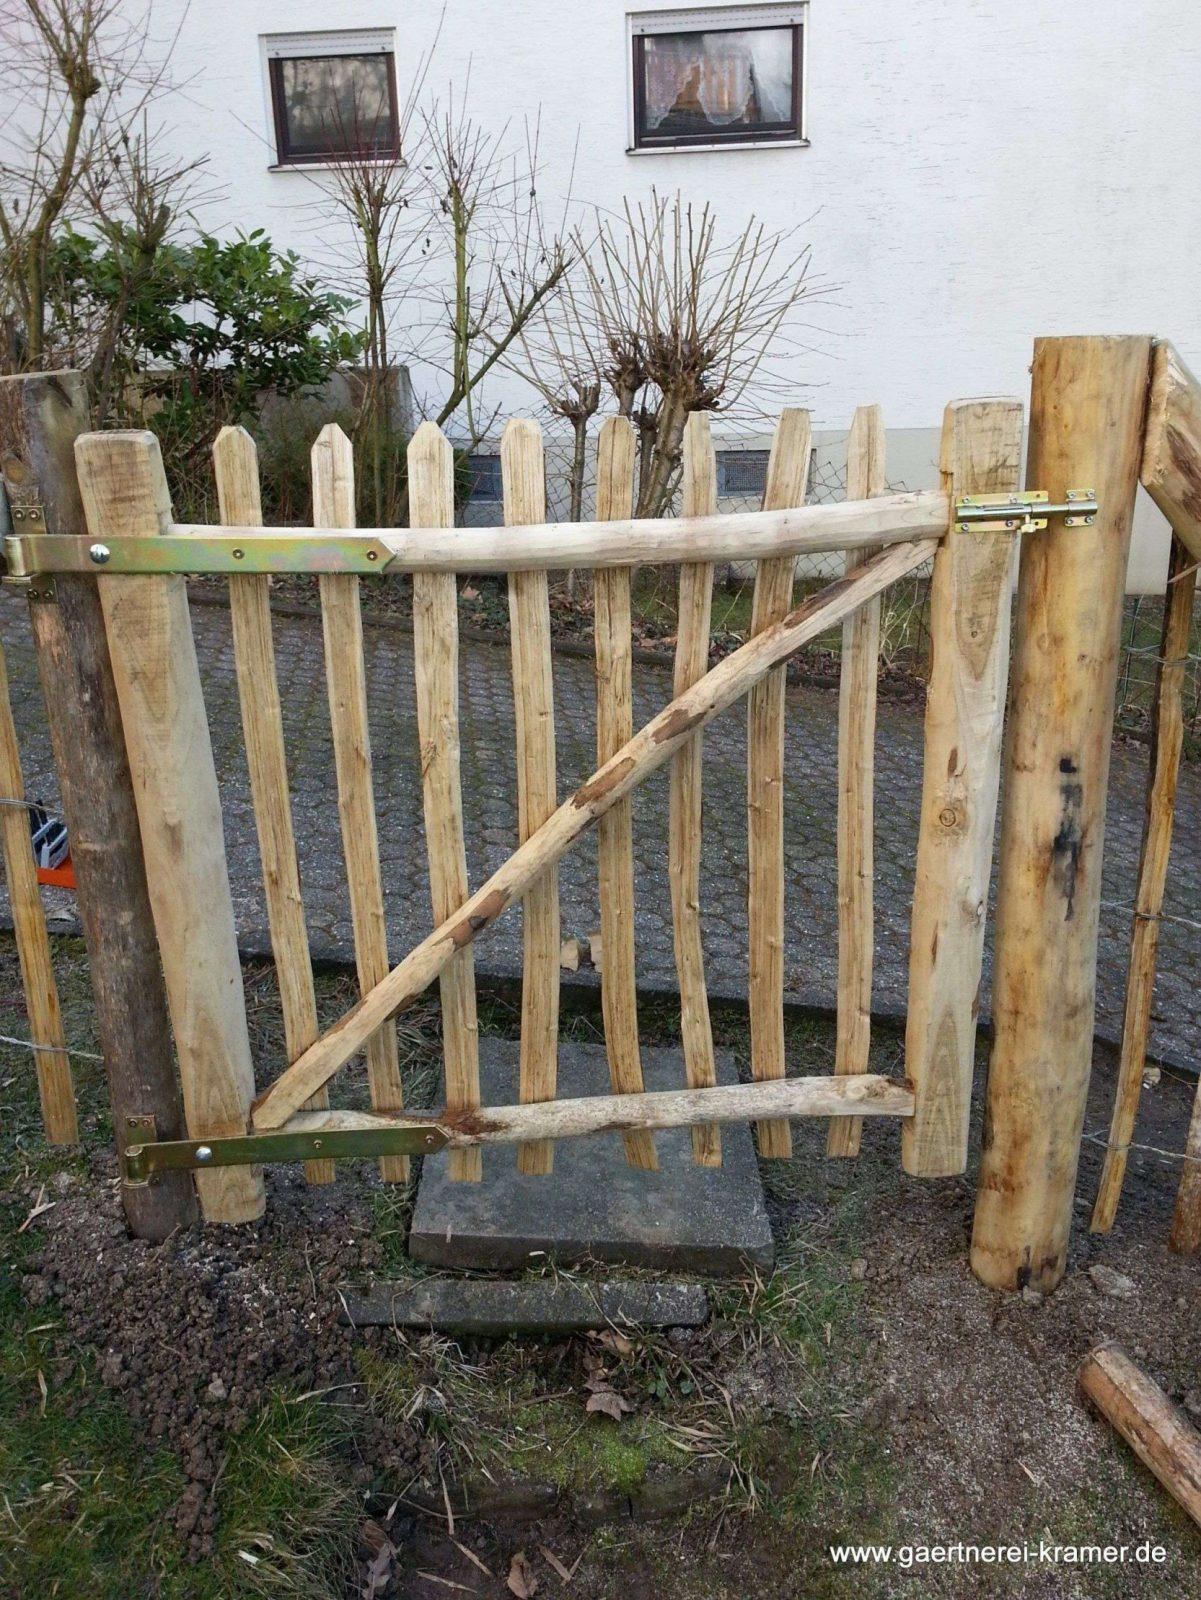 Tor Selber Bauen Holzzaun Tor F R Sichtschutz Garten Ideen Mit von Staketenzaun Tor Selber Bauen Photo